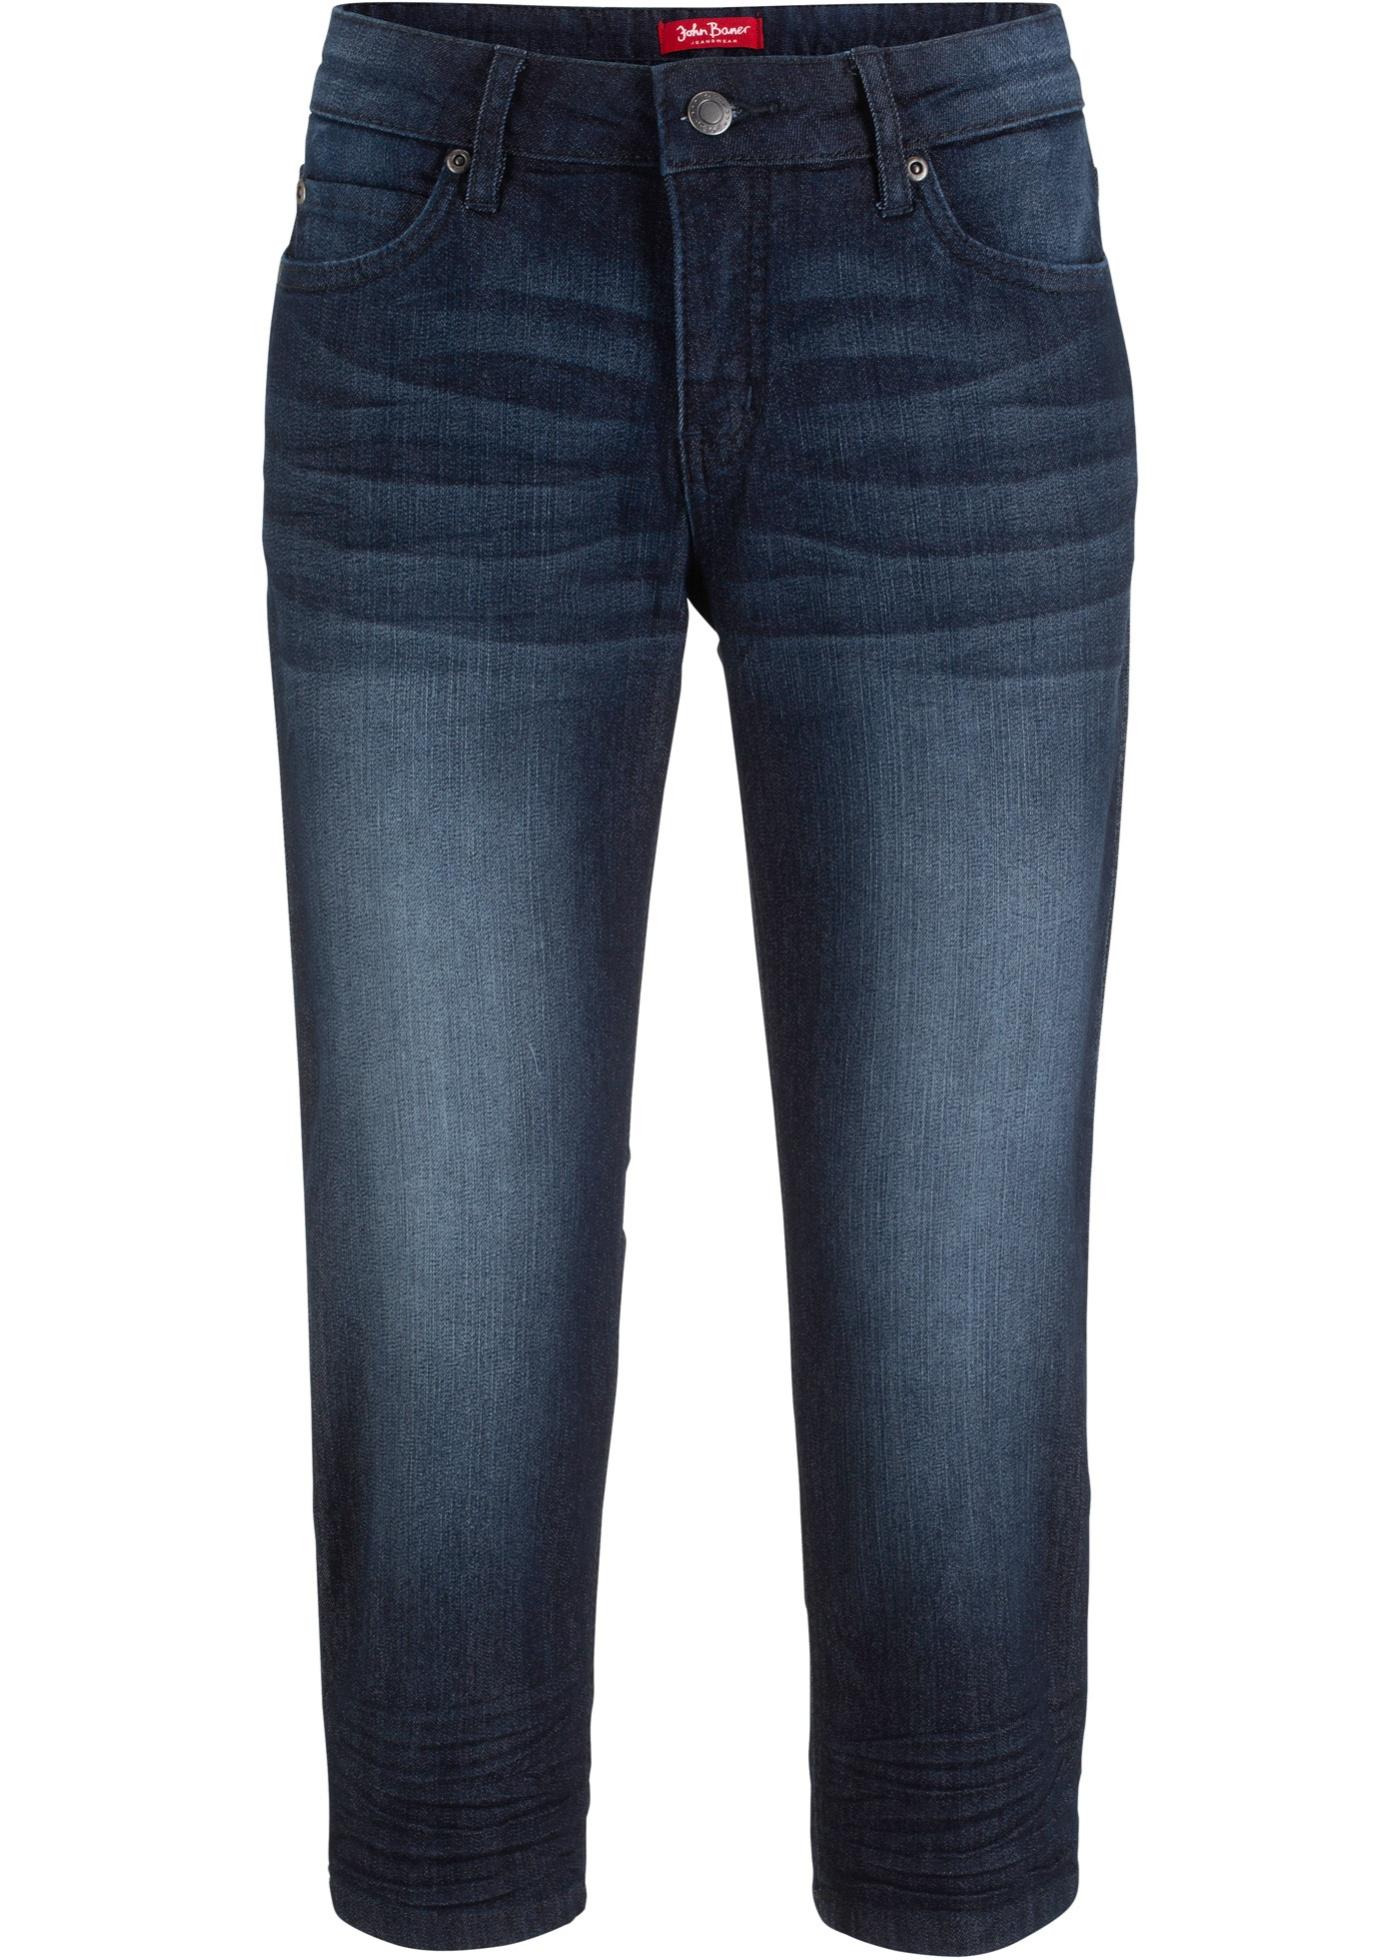 BonprixJean Confort Extensible John 4 Jeanswear Bleu Baner Femme Pour Longueur 3 DHYWE2I9